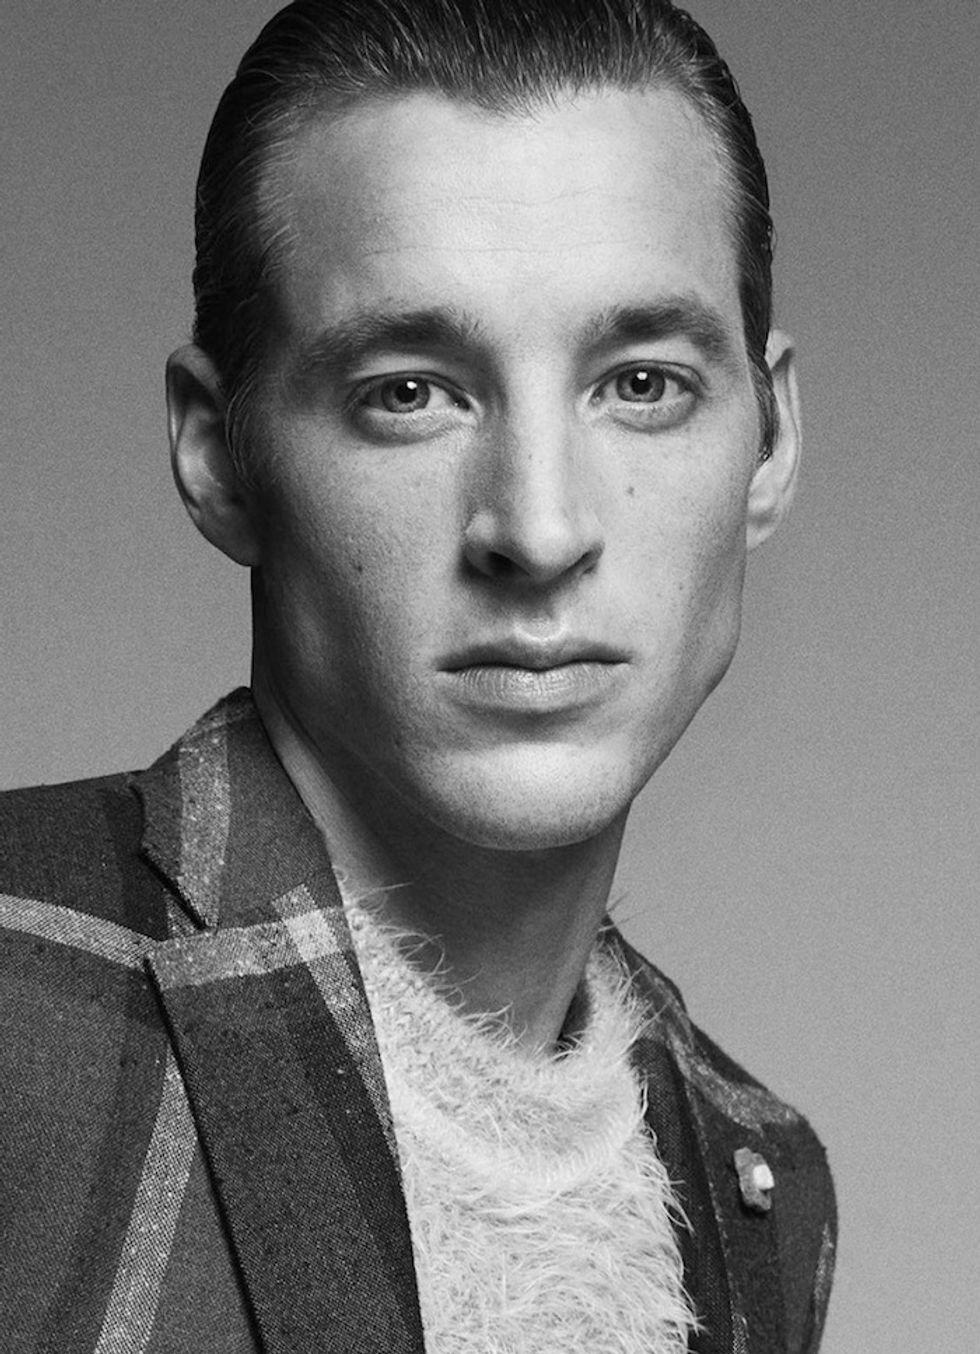 Model Crush Monday: Meet Dashing British Model Brothers, Peter, Roger and Joel Frampton